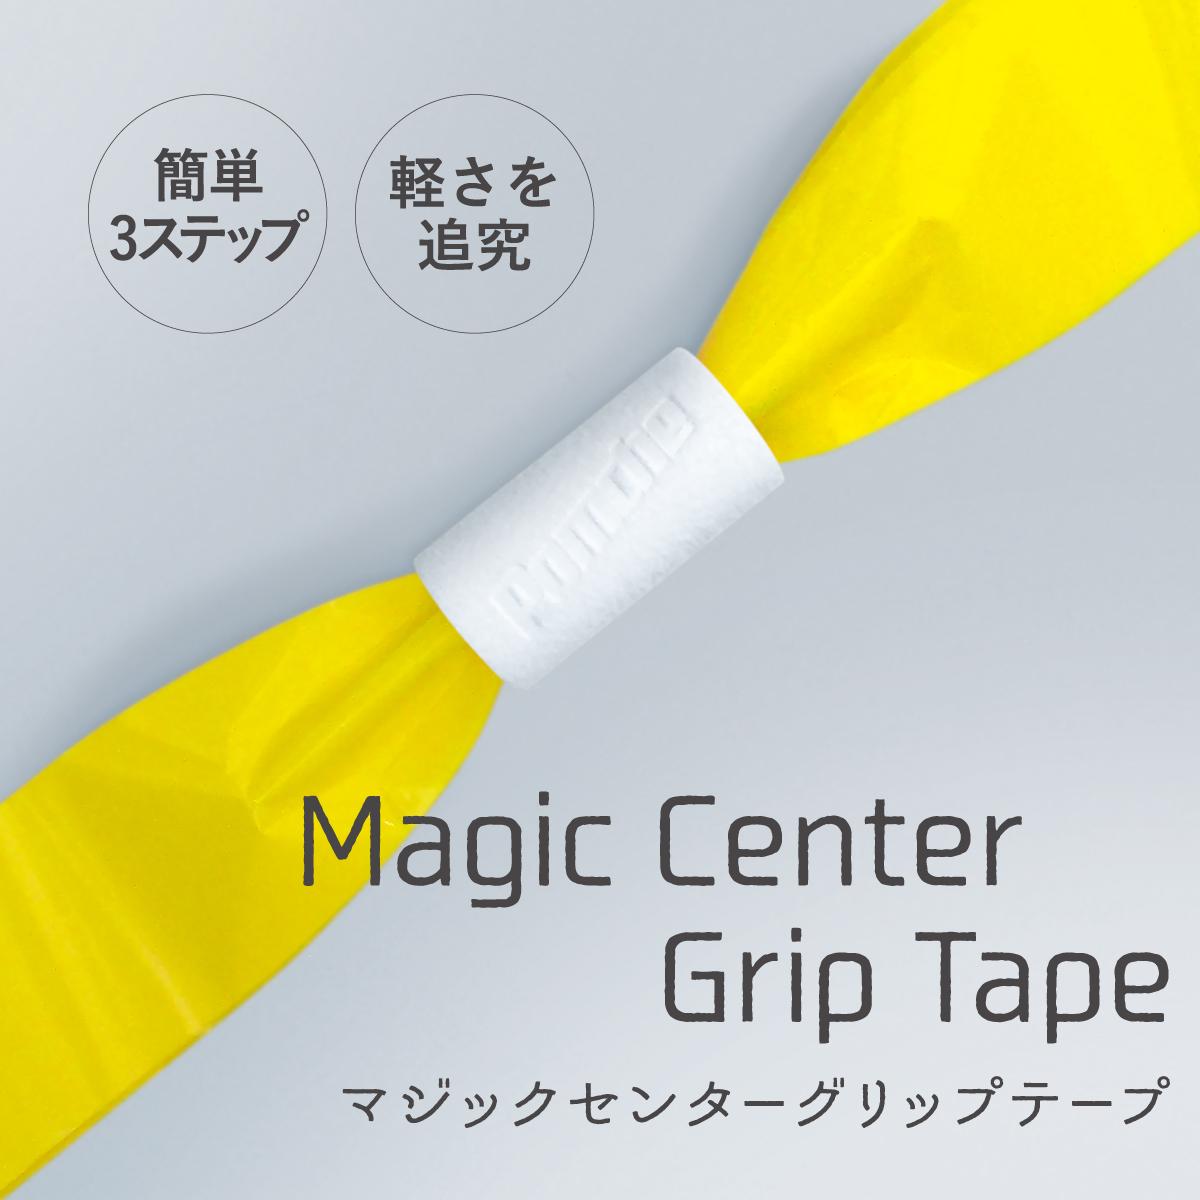 マジックセンターグリップテープ